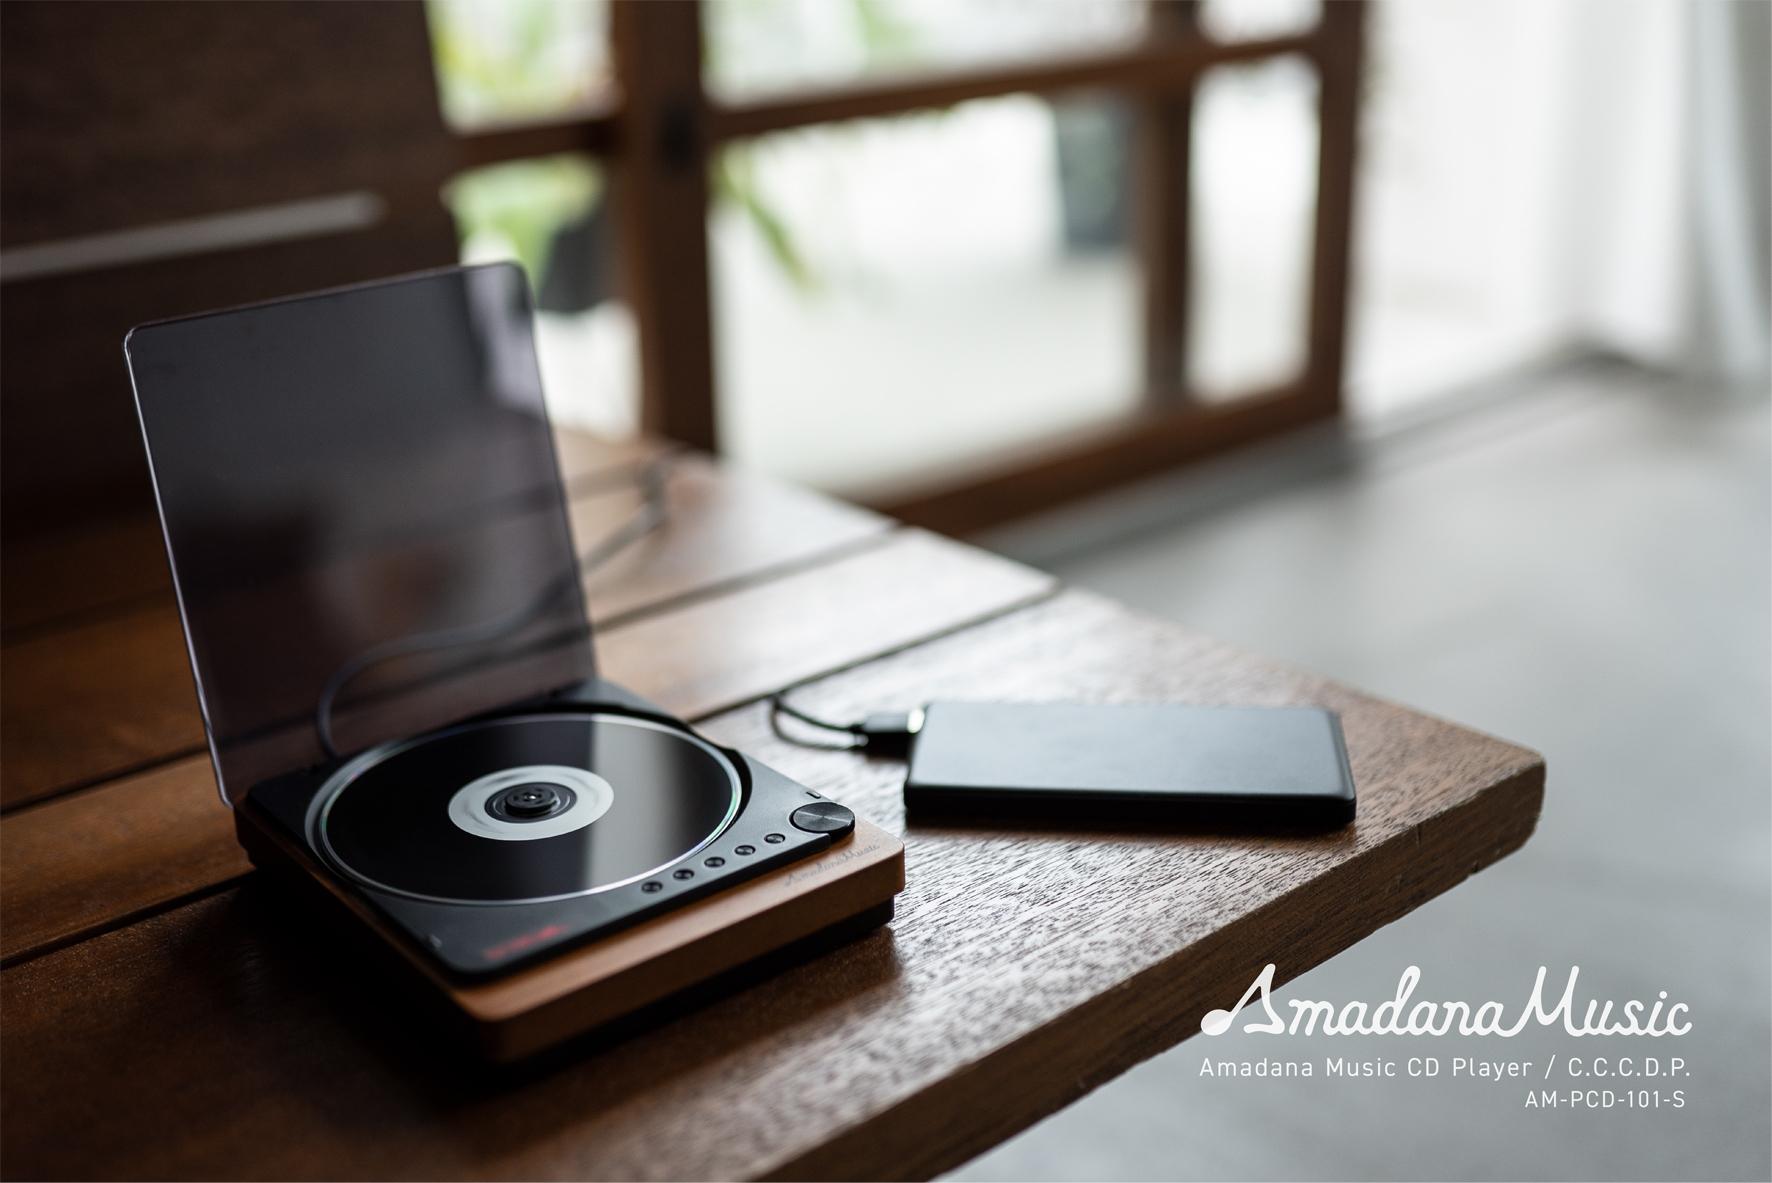 Amadana Music CDプレーヤー/C.C.C.D.P.